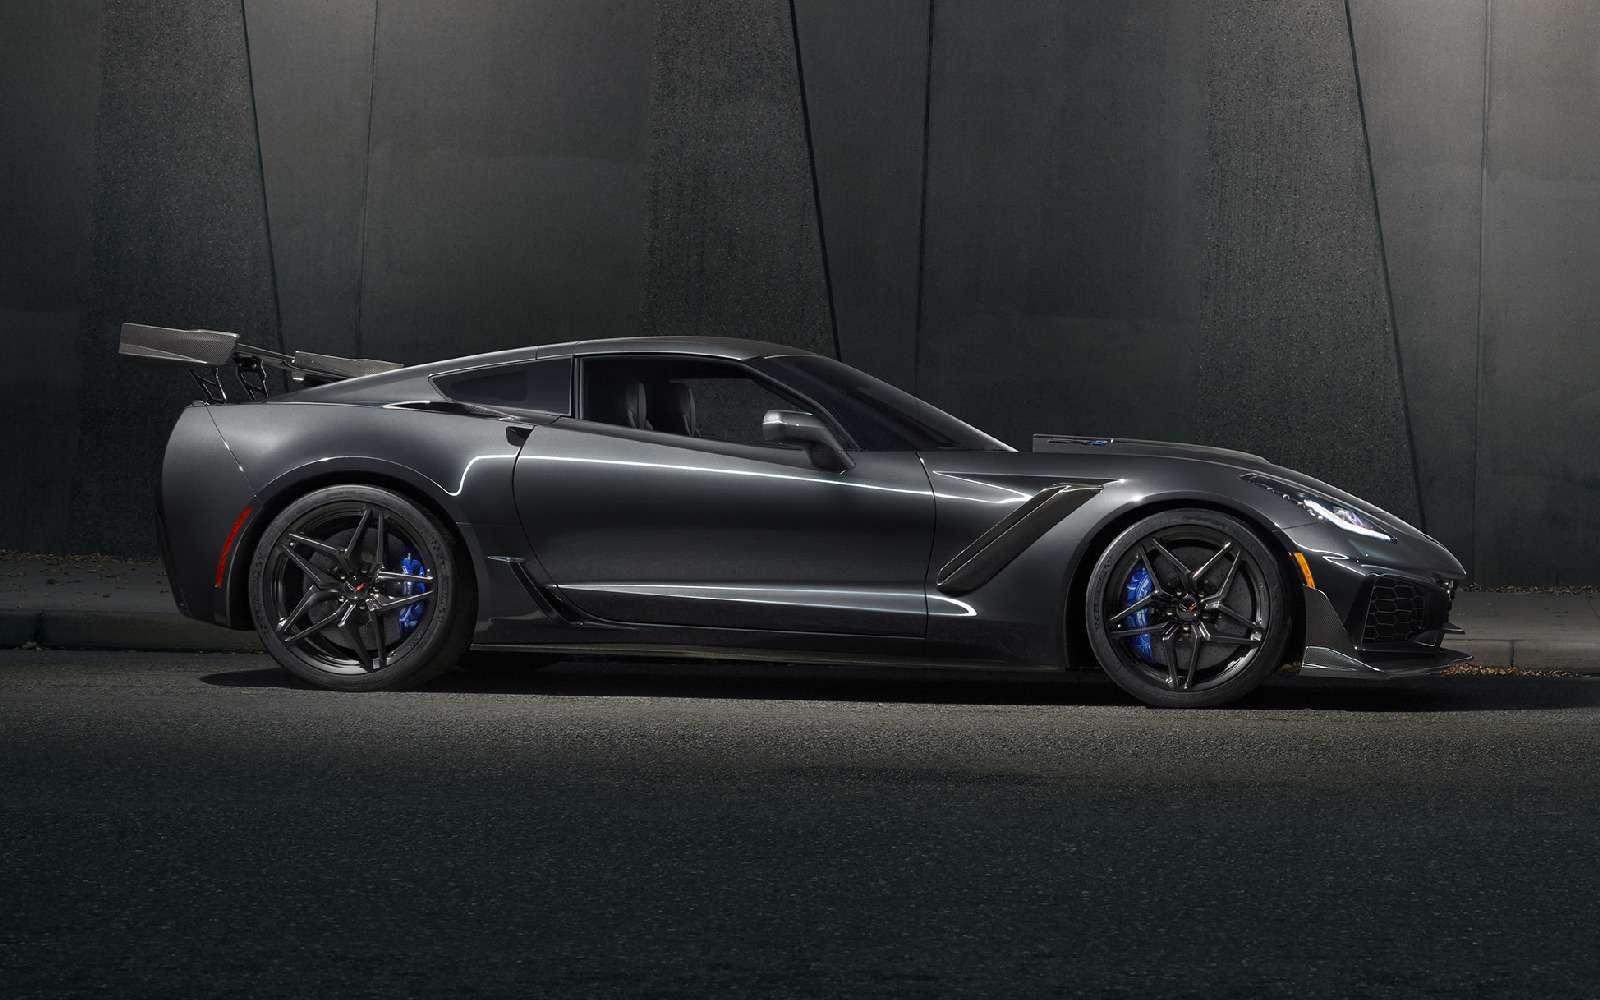 13радиаторов и766 лошадей: представлен самый крутой Corvette вистории— фото 815811